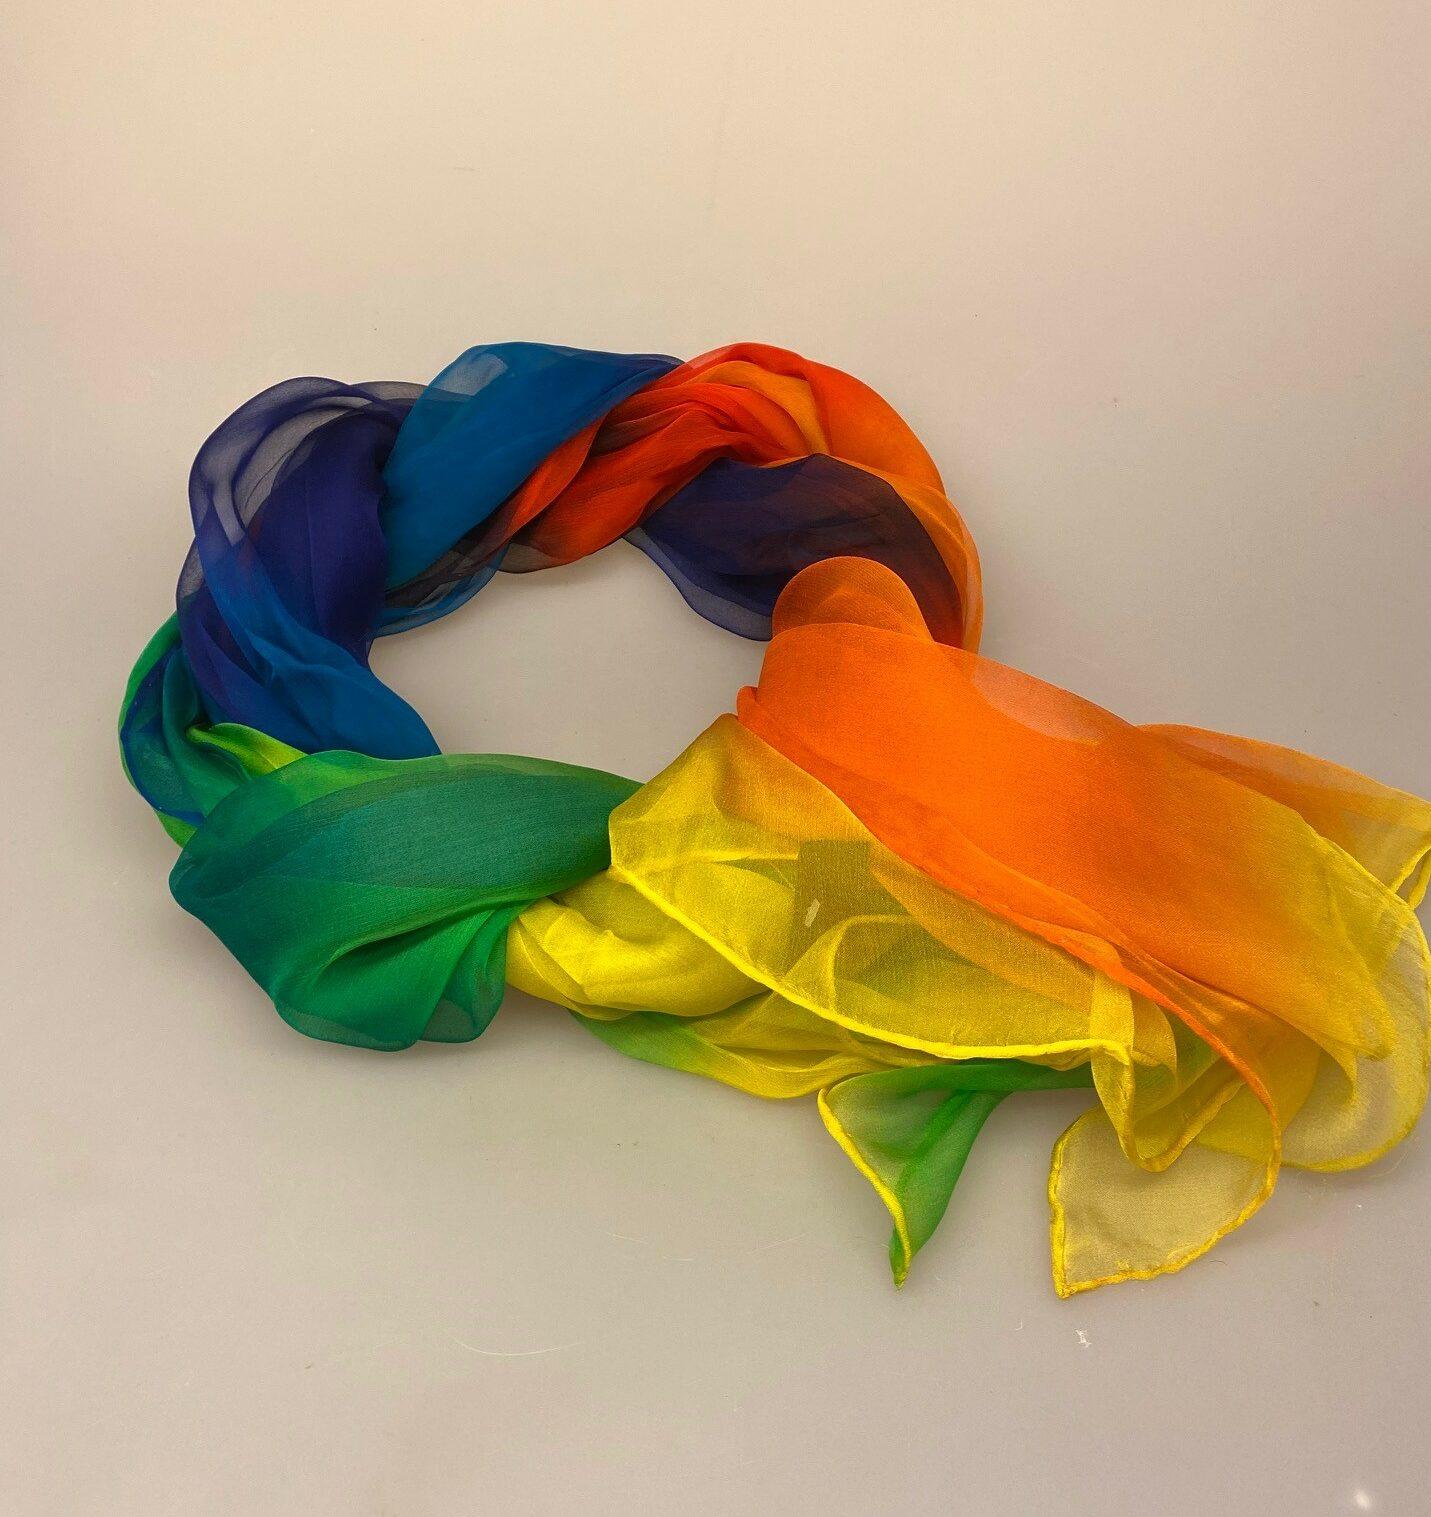 Silkechiffon 1163 XL - Regnbue, regnbuefarvet, pride, rainbow, alle farver, kulørt, stort, let, luksus, lækkert, smukt, ren, ægte, silke, 100%, silketørklæde, aflangt, stola, silkestola, festligt, kulørt, se min kjole, biti, ribe, håndrullede, kanter, kvalitet, fnuglet